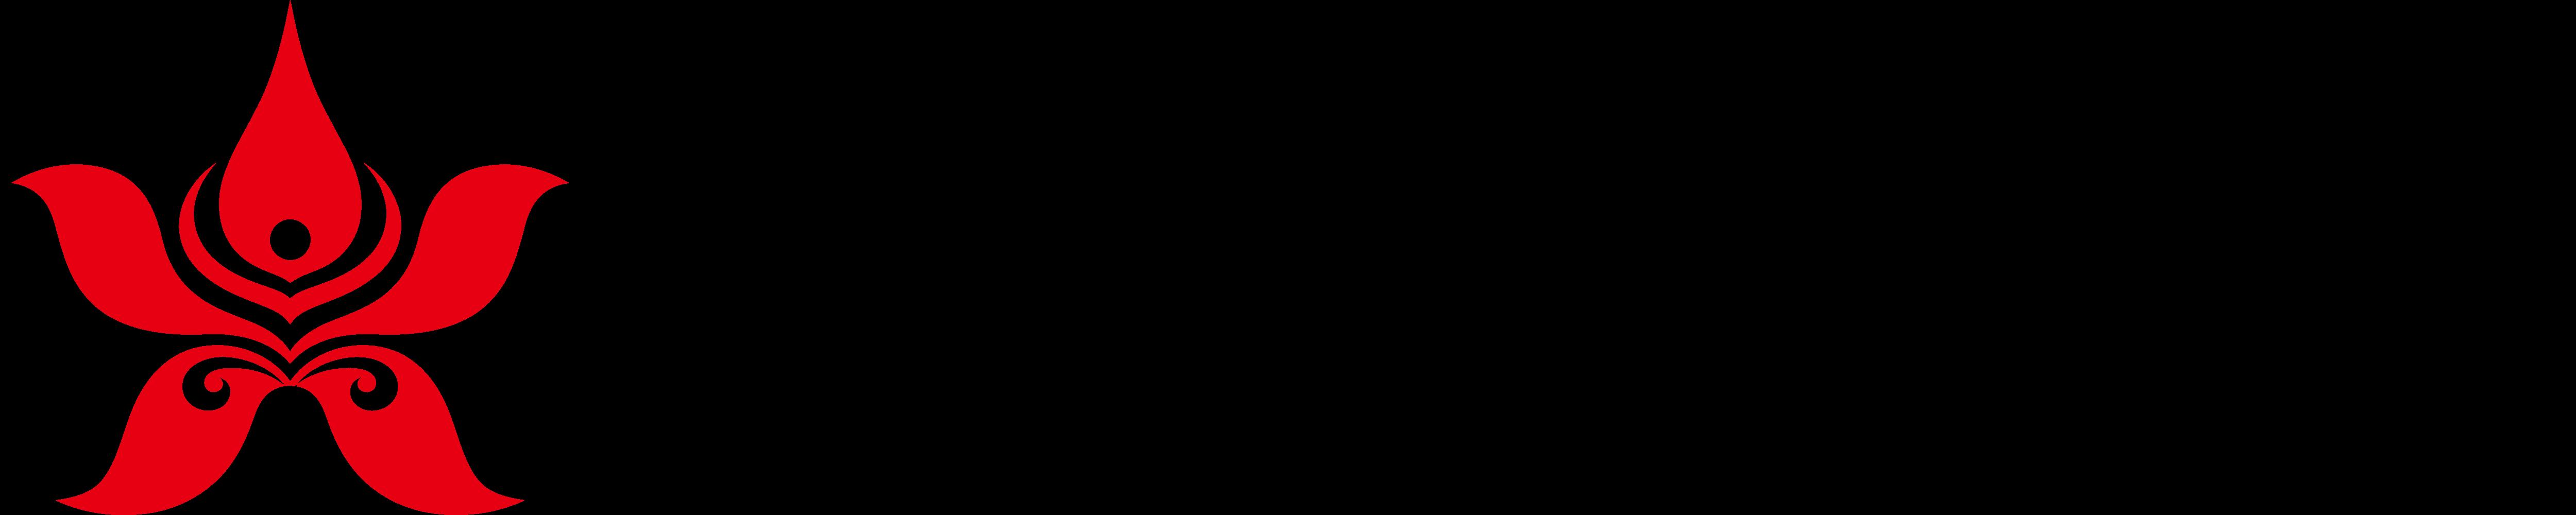 Hong Kong Airlines logo, logotype, emblem